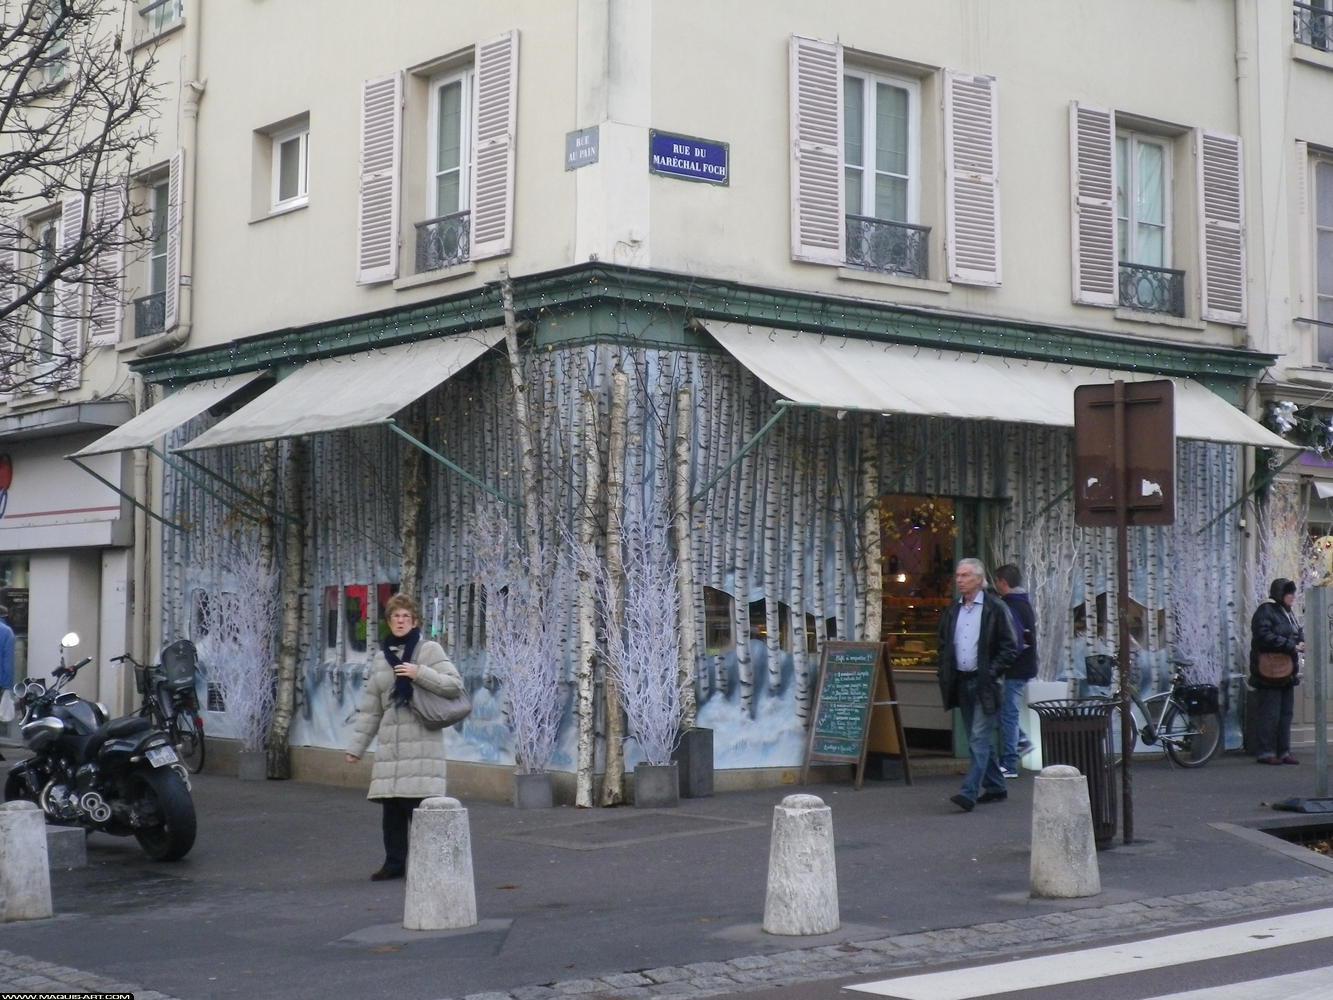 D coration graffiti professionnels d coration d for Deco facade maison noel